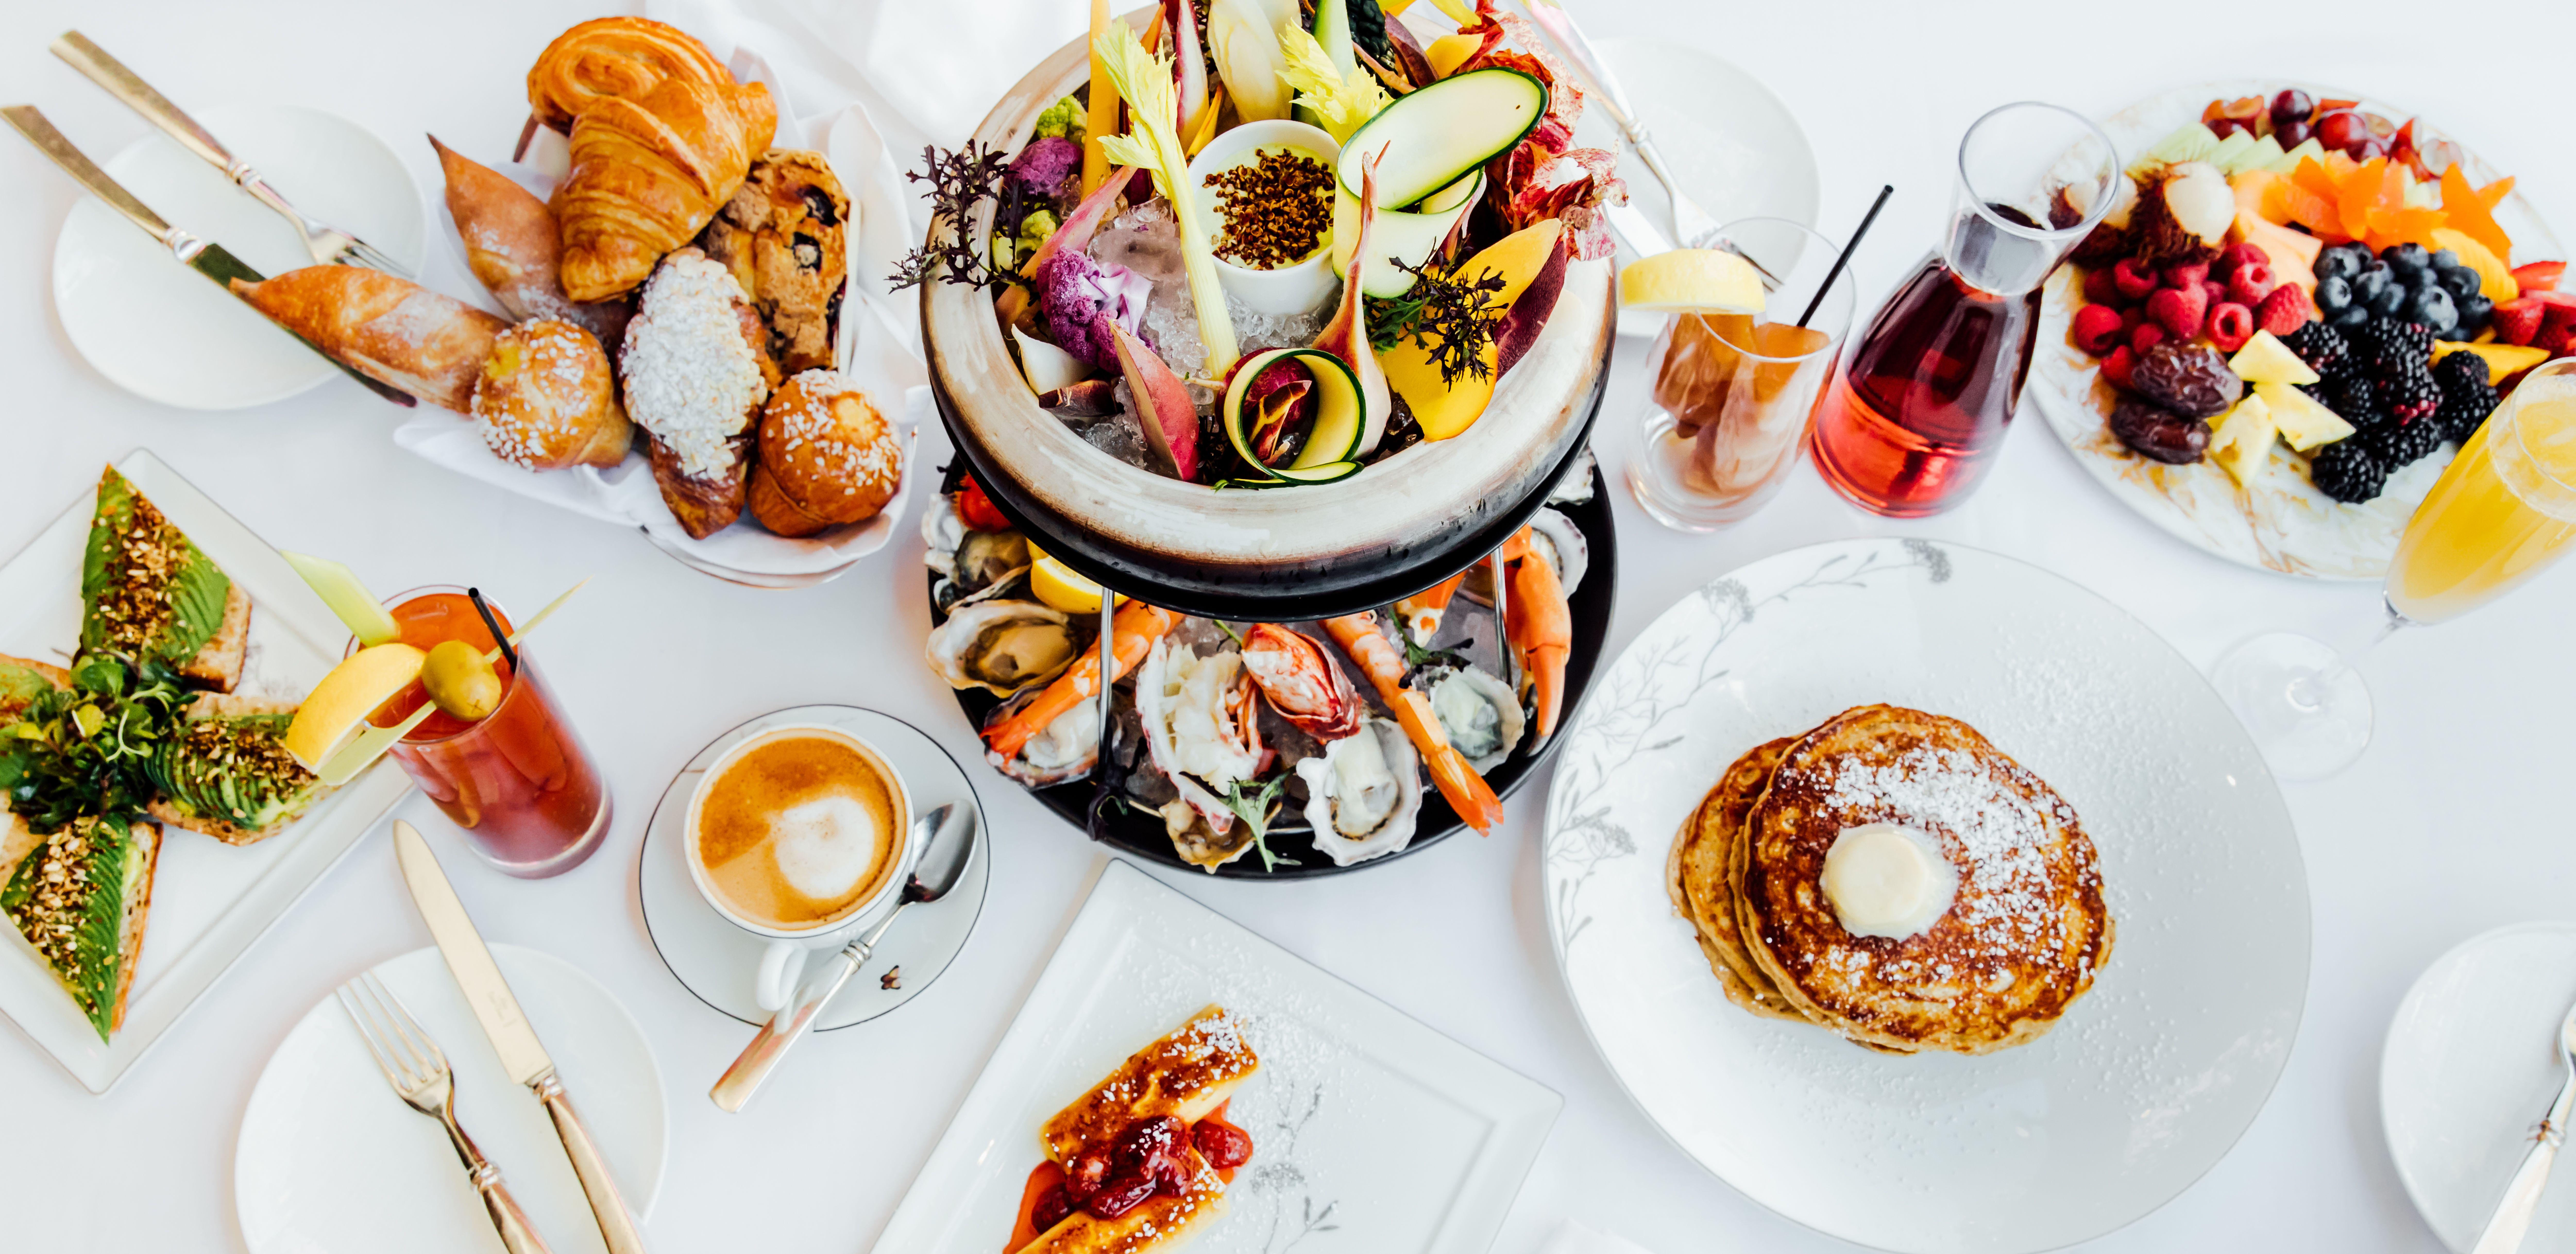 Wolfgang Puck Restaurant Hotel BelAir Food drink